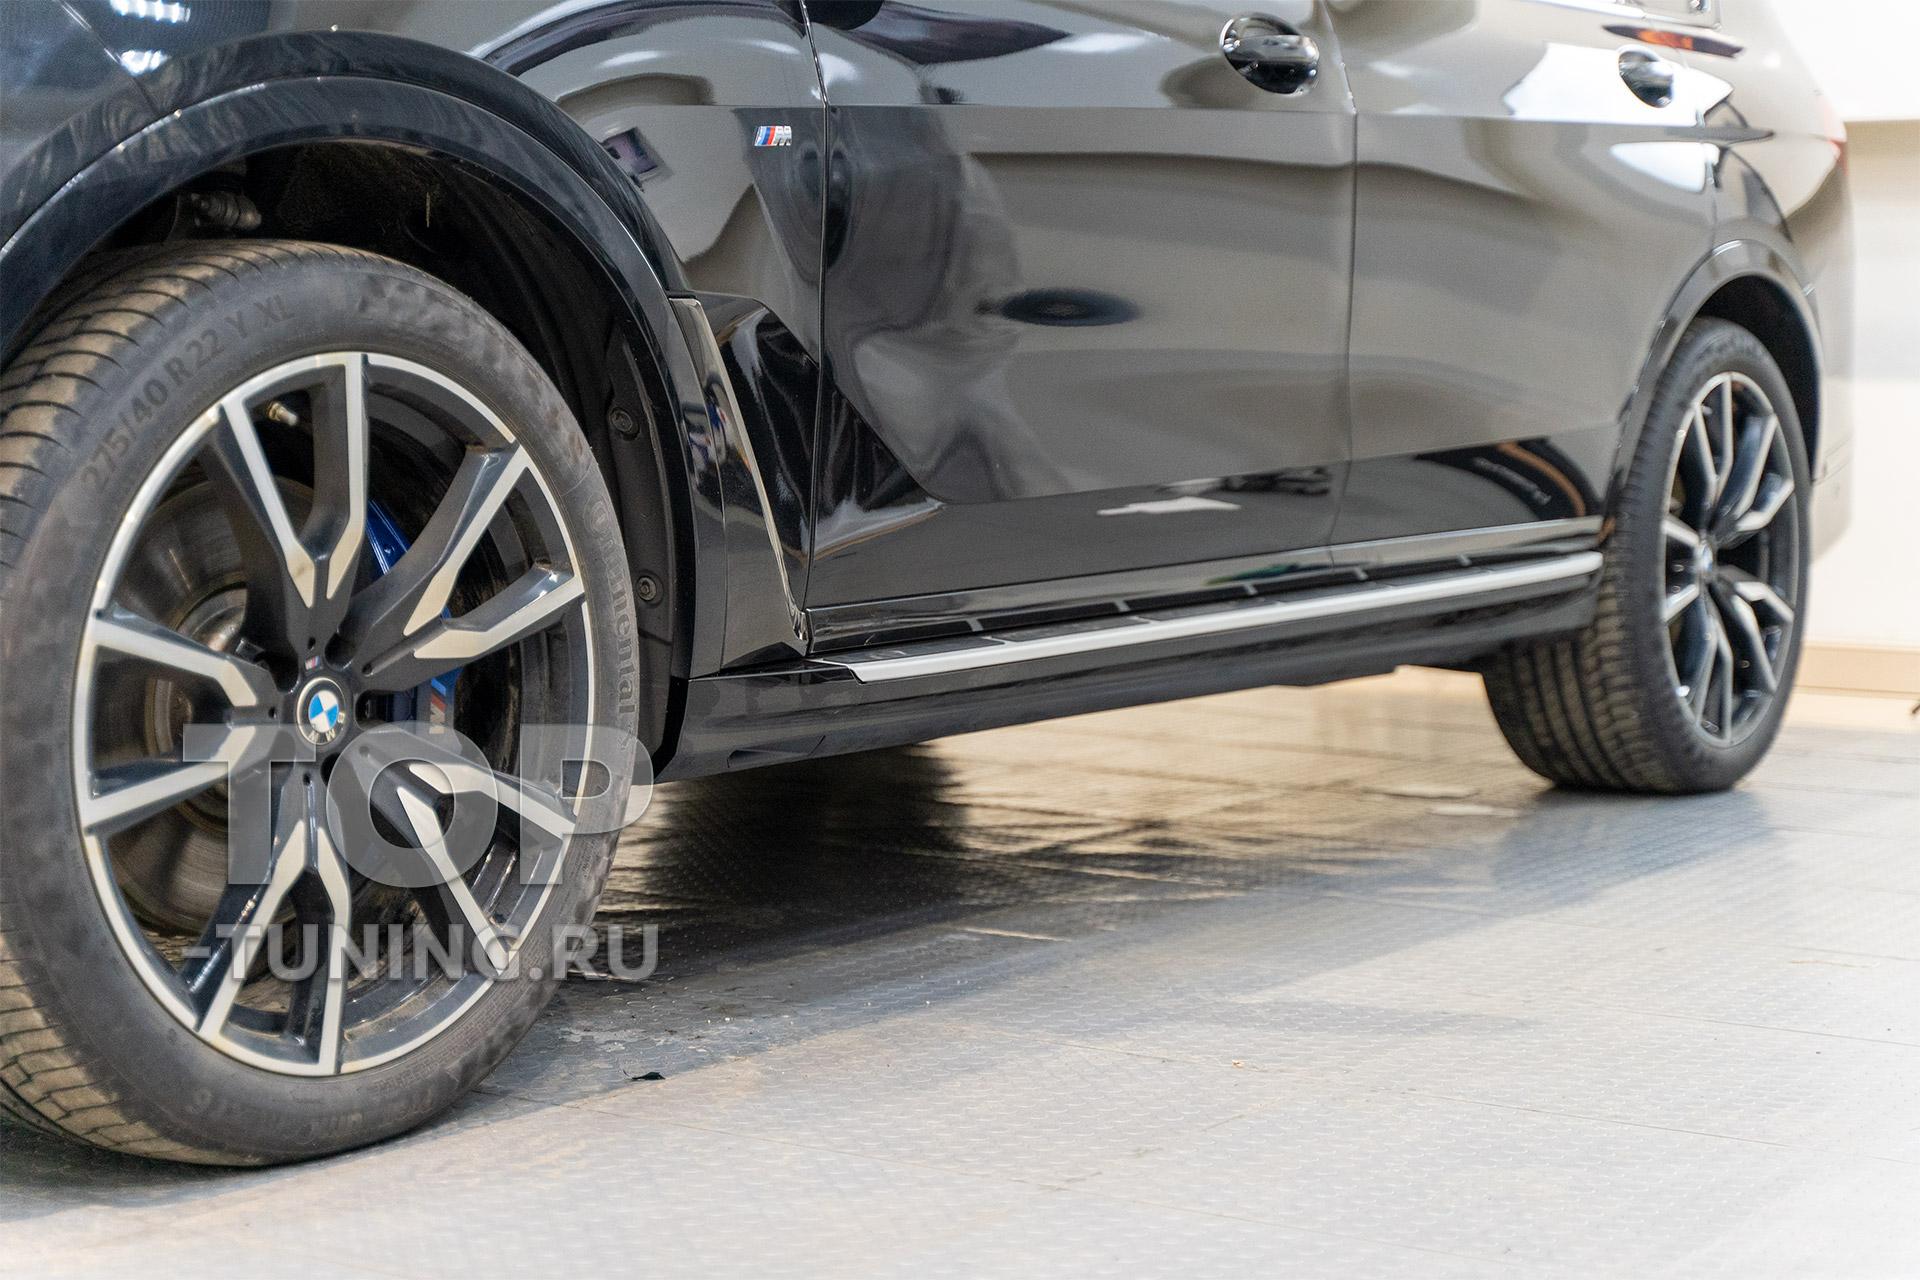 Оригинальные пороги ступени для BMW X7 G07 - монтаж, Москва.